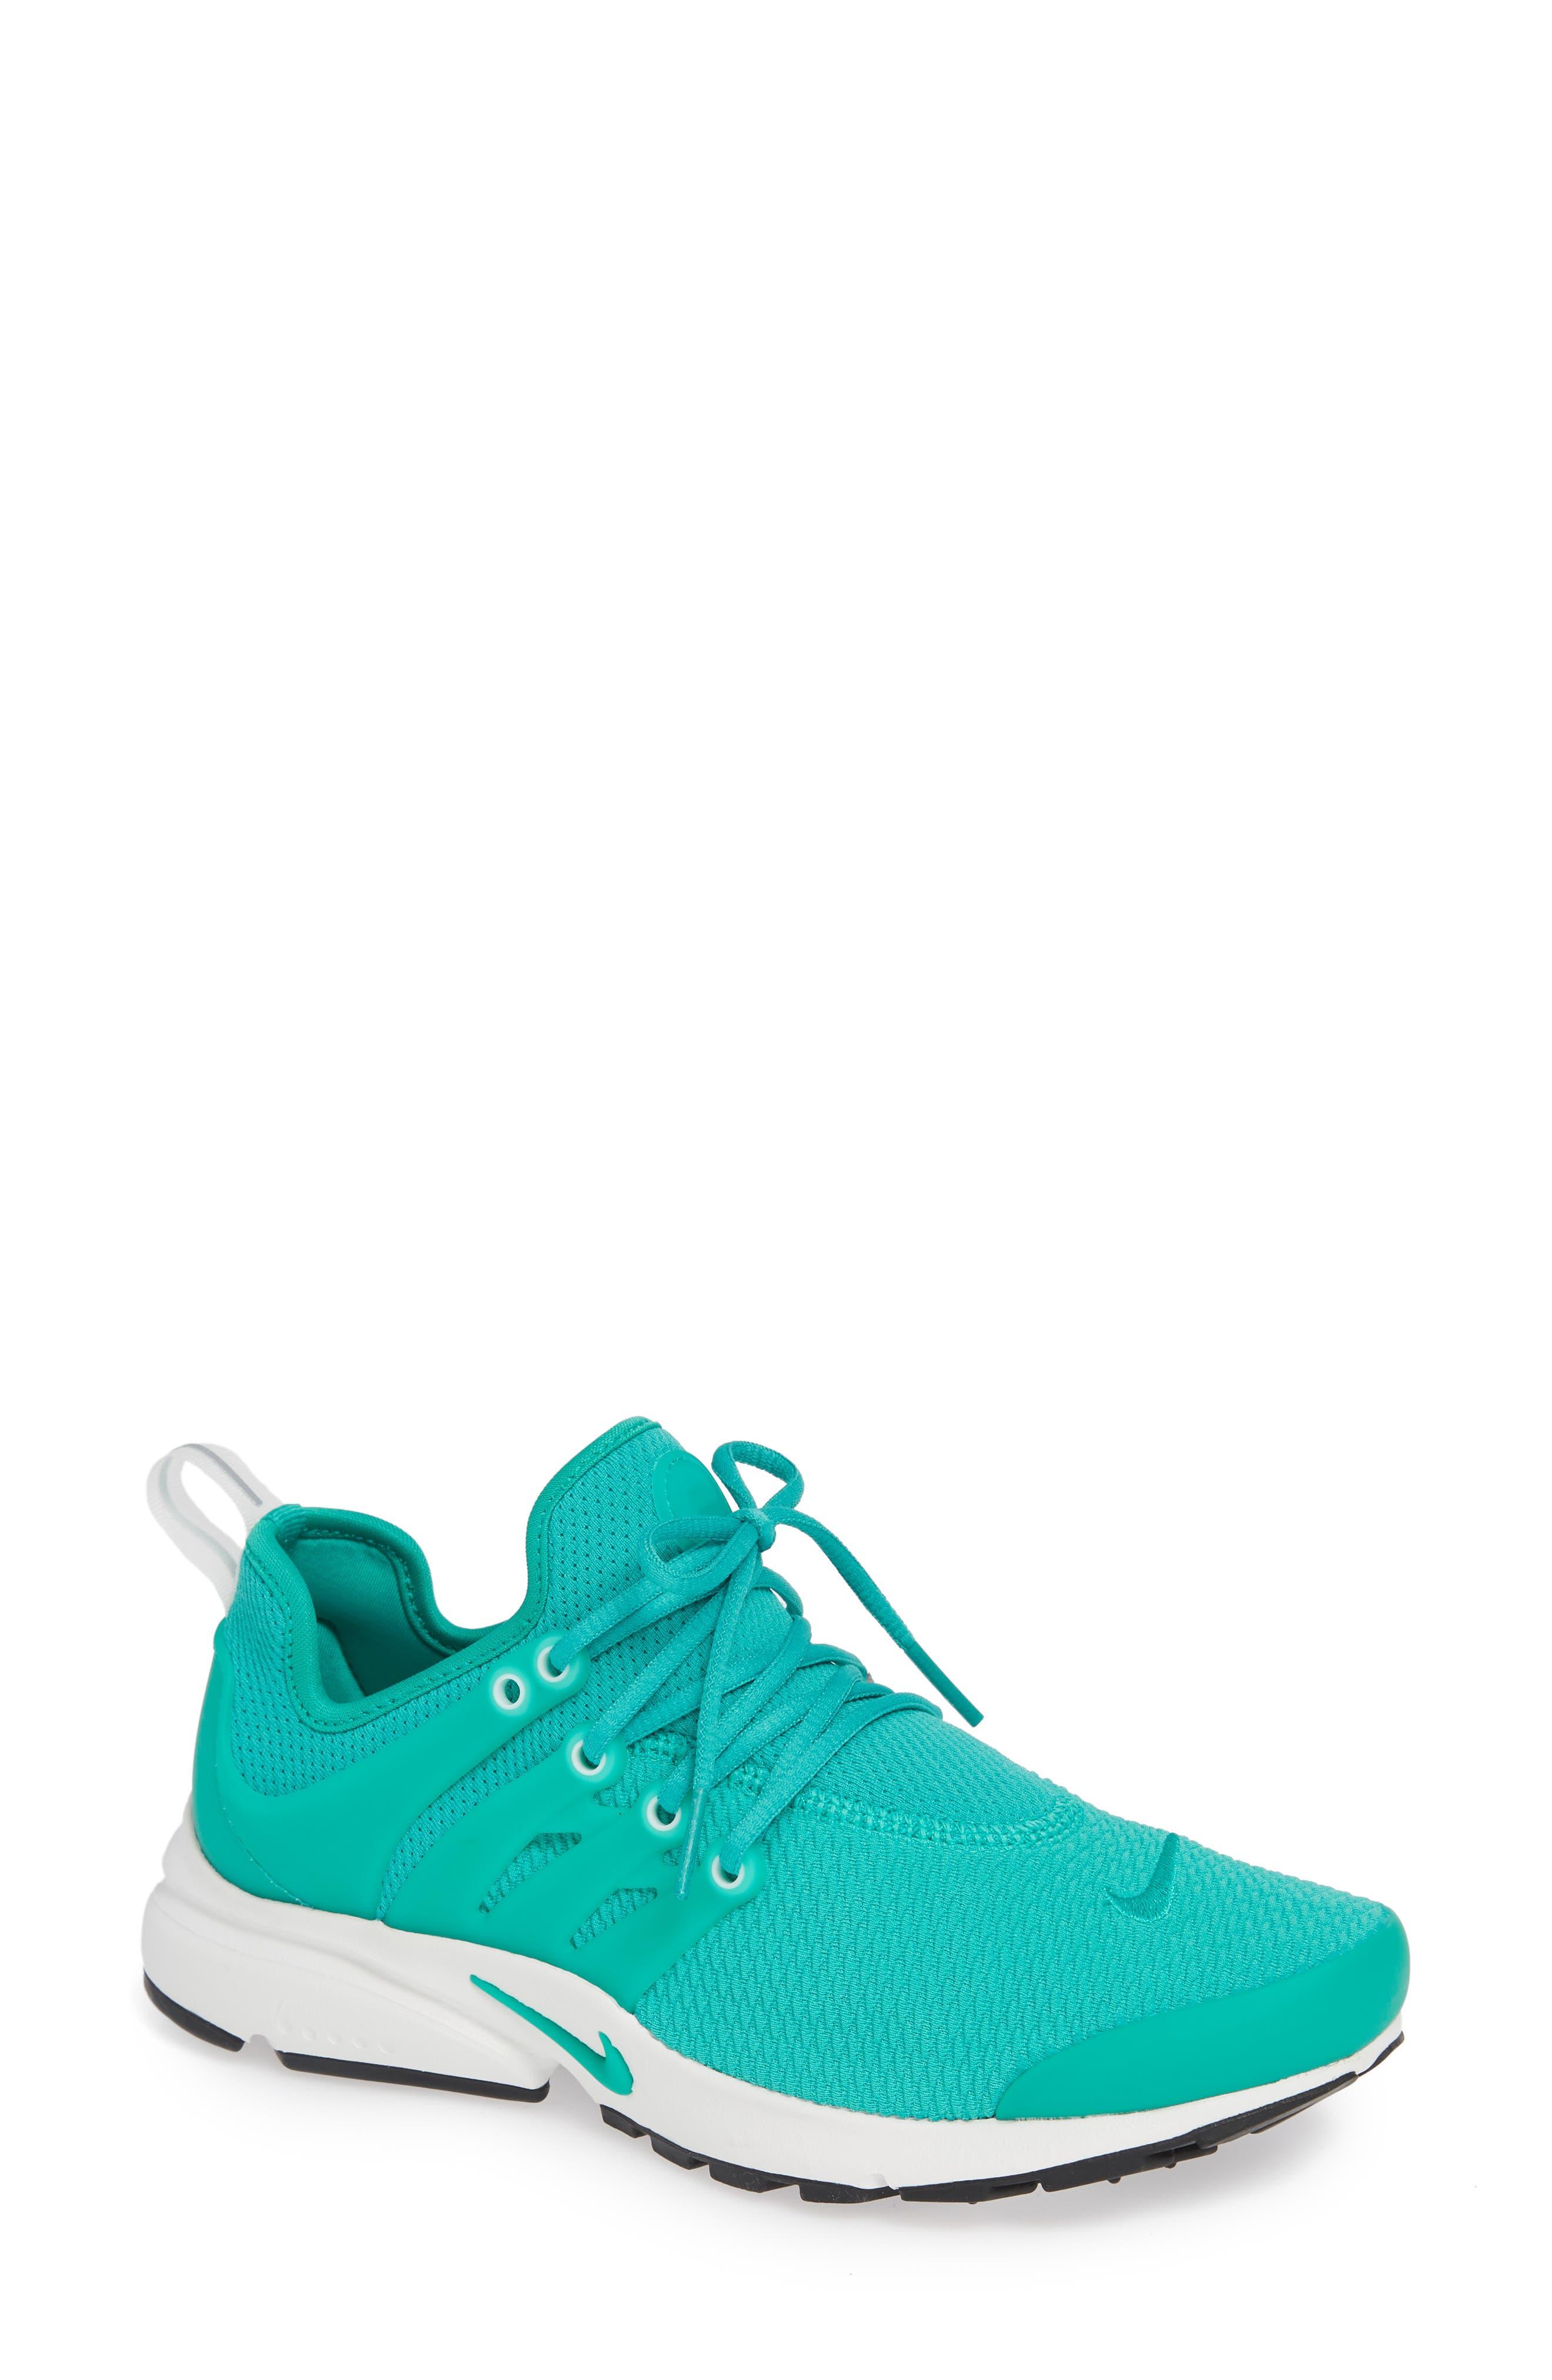 Air Presto Sneaker,                         Main,                         color, Clear Emerald/ Summit White